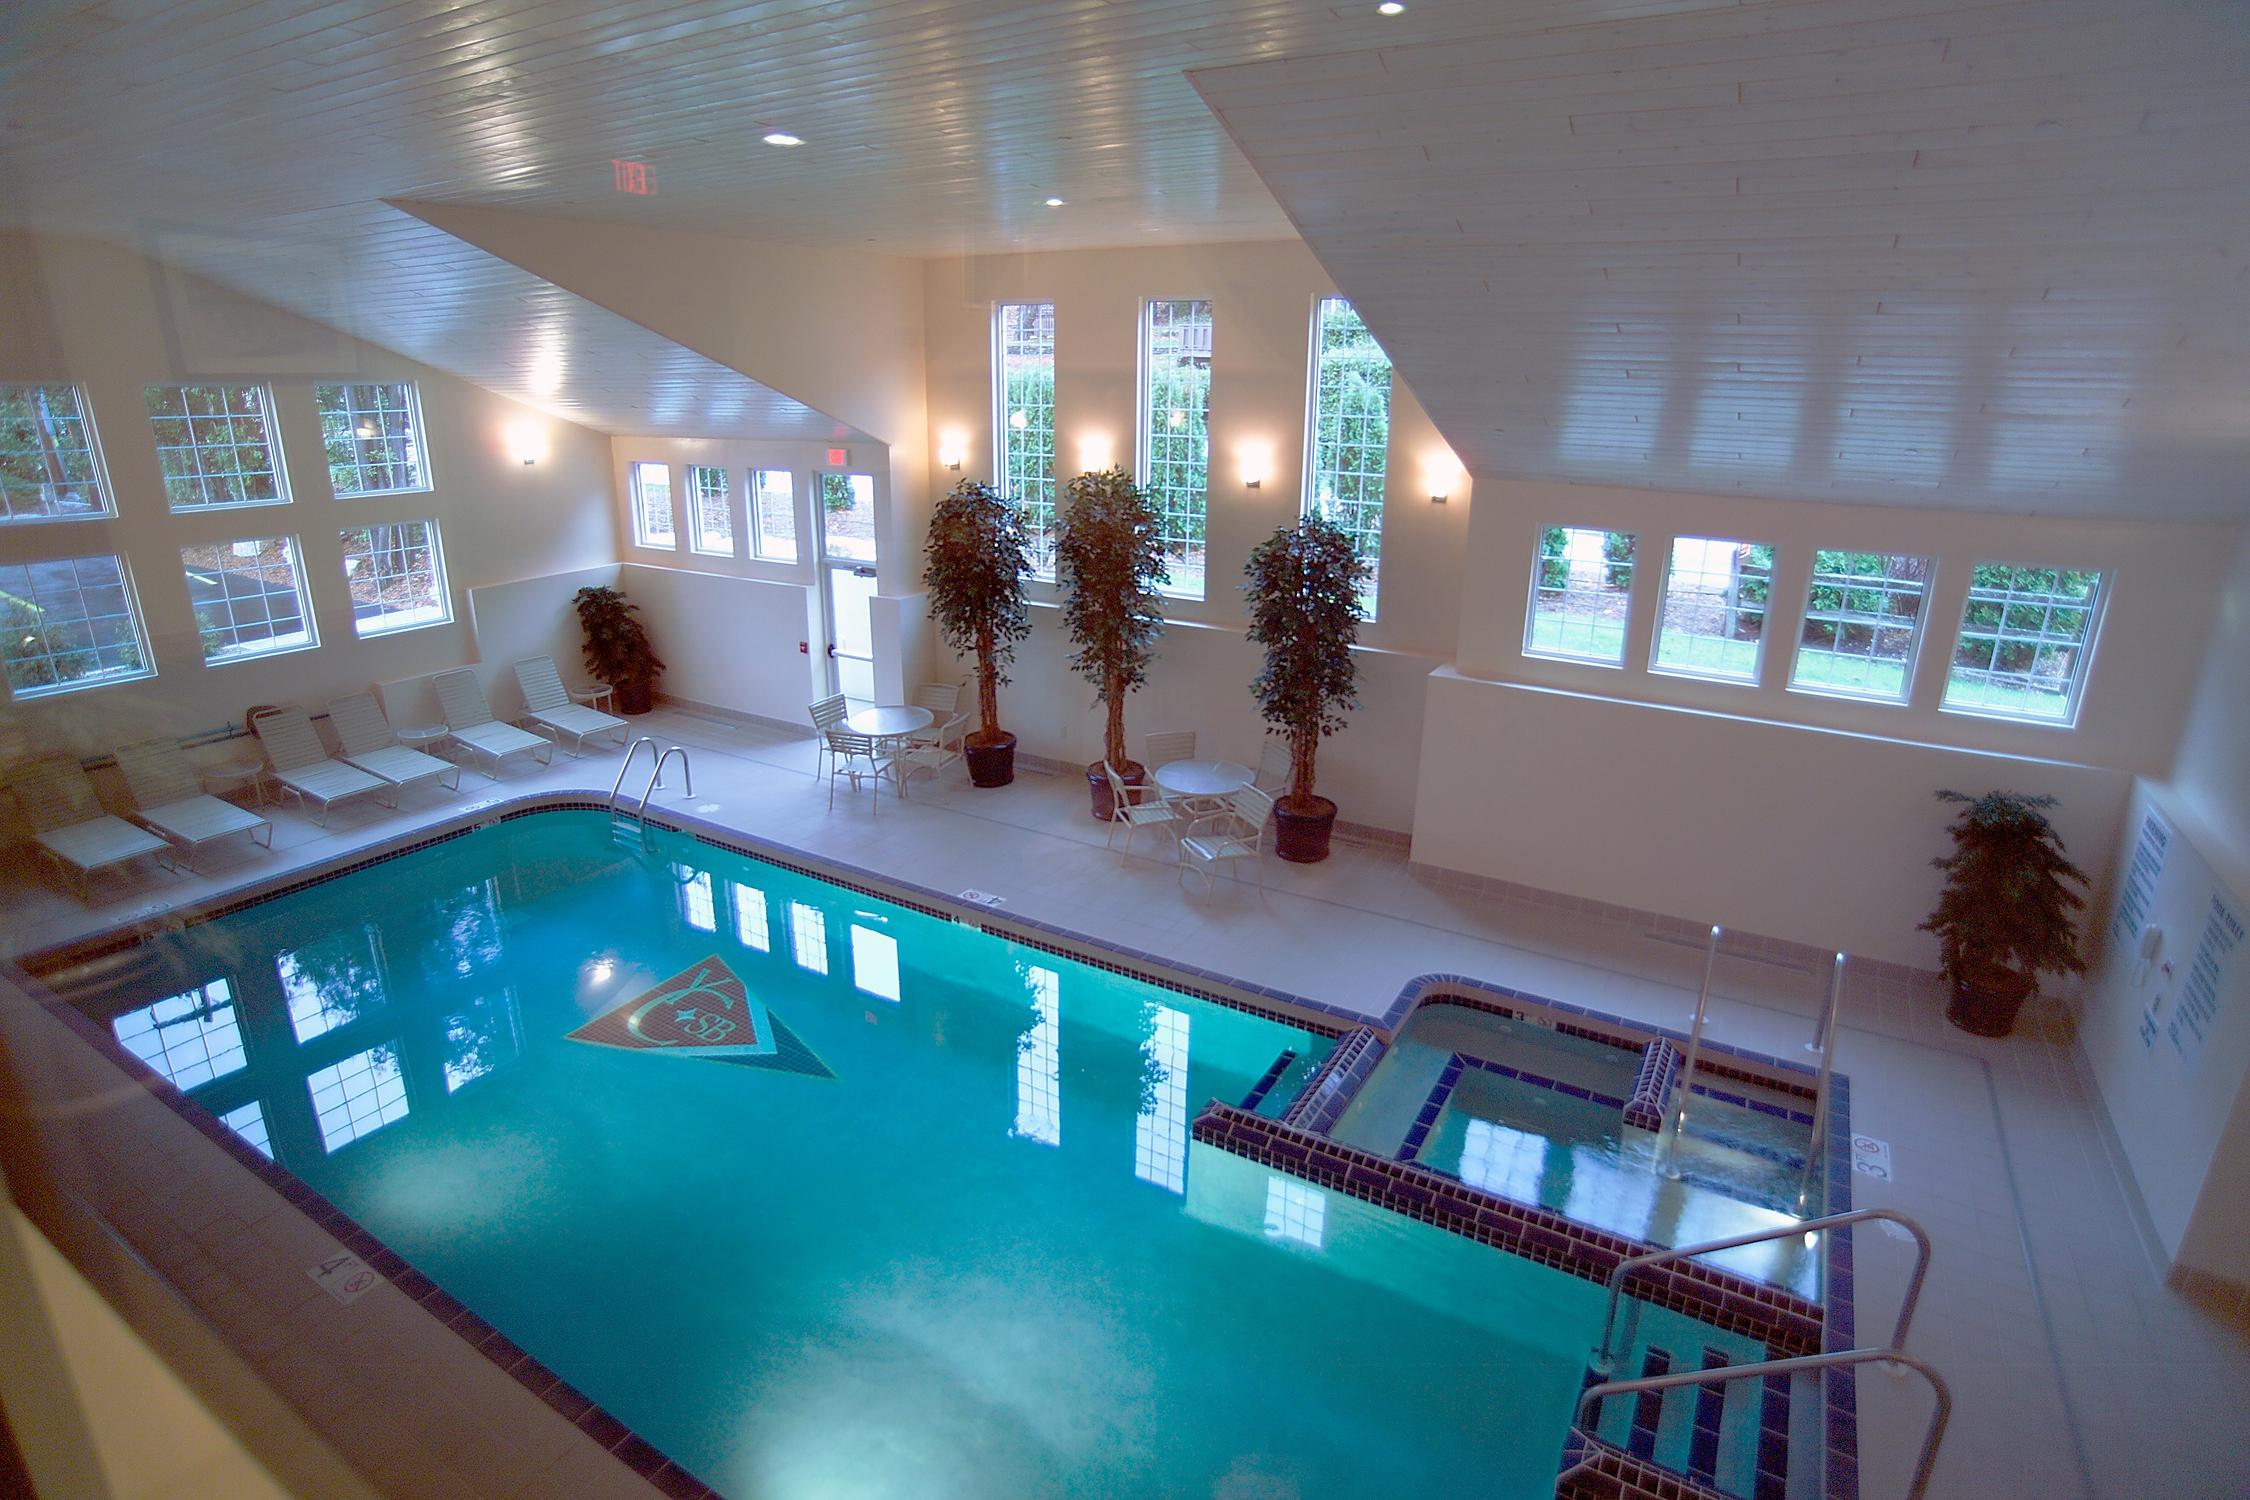 SBYC Pool 355.jpg